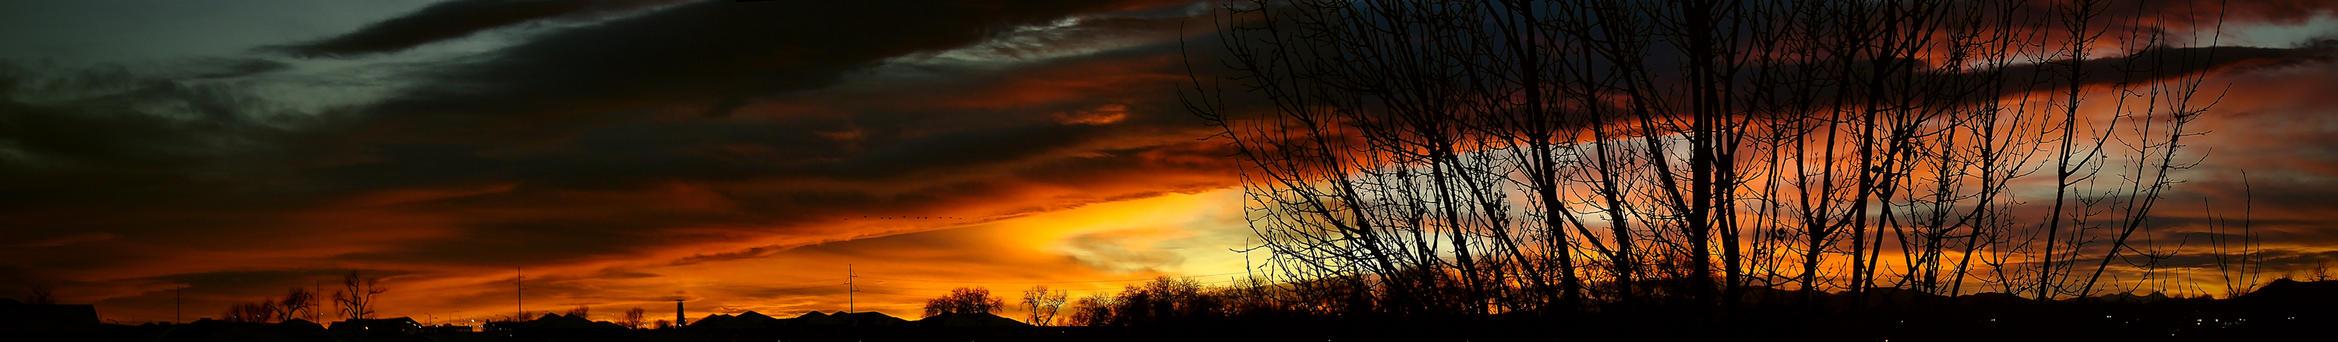 Sunset Panorama by tim-bot